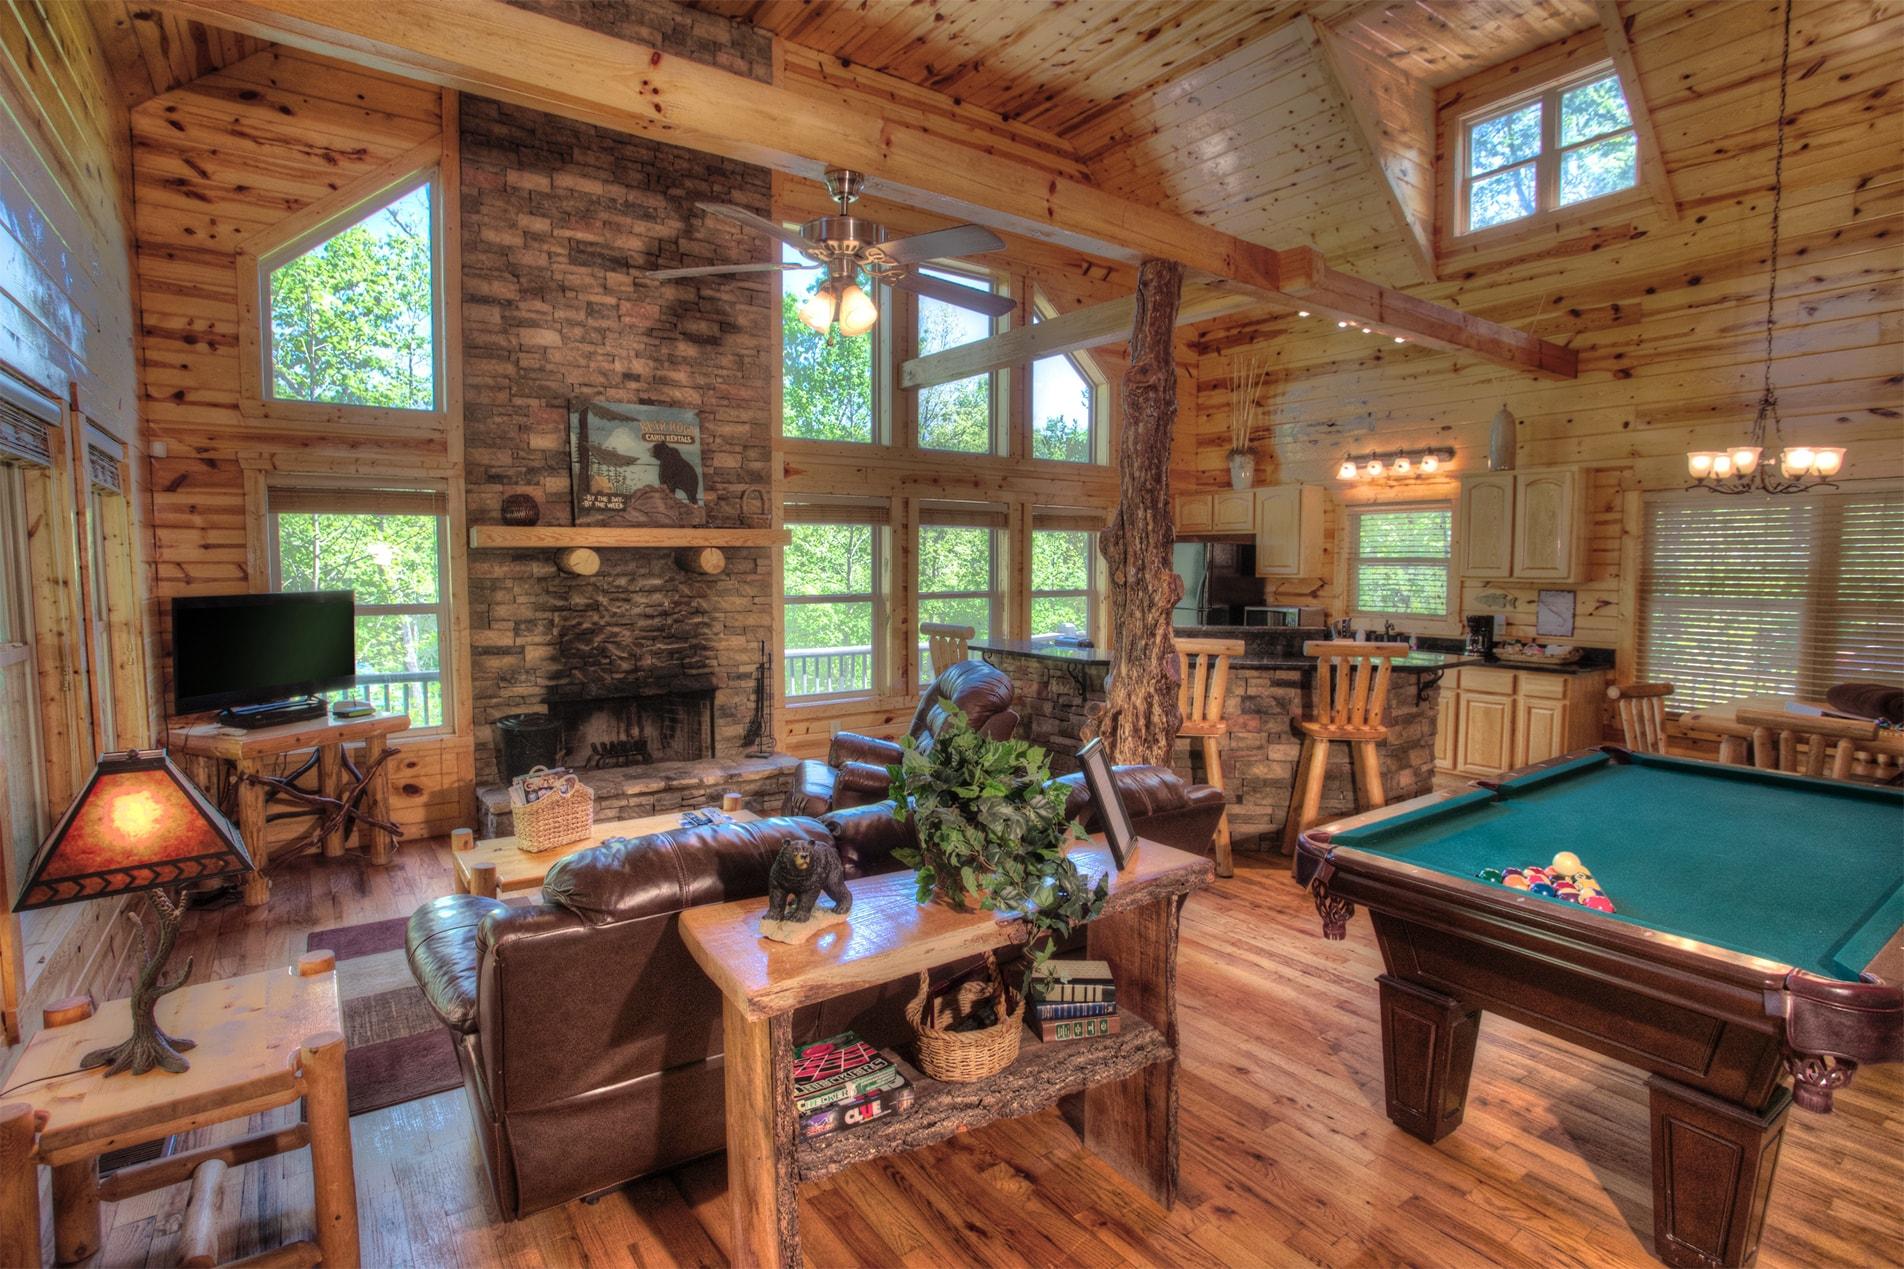 Bear-Creek-Hero-Banner-Cedar-Creek-Cabin-Rentals-Helen-Georgia-S2